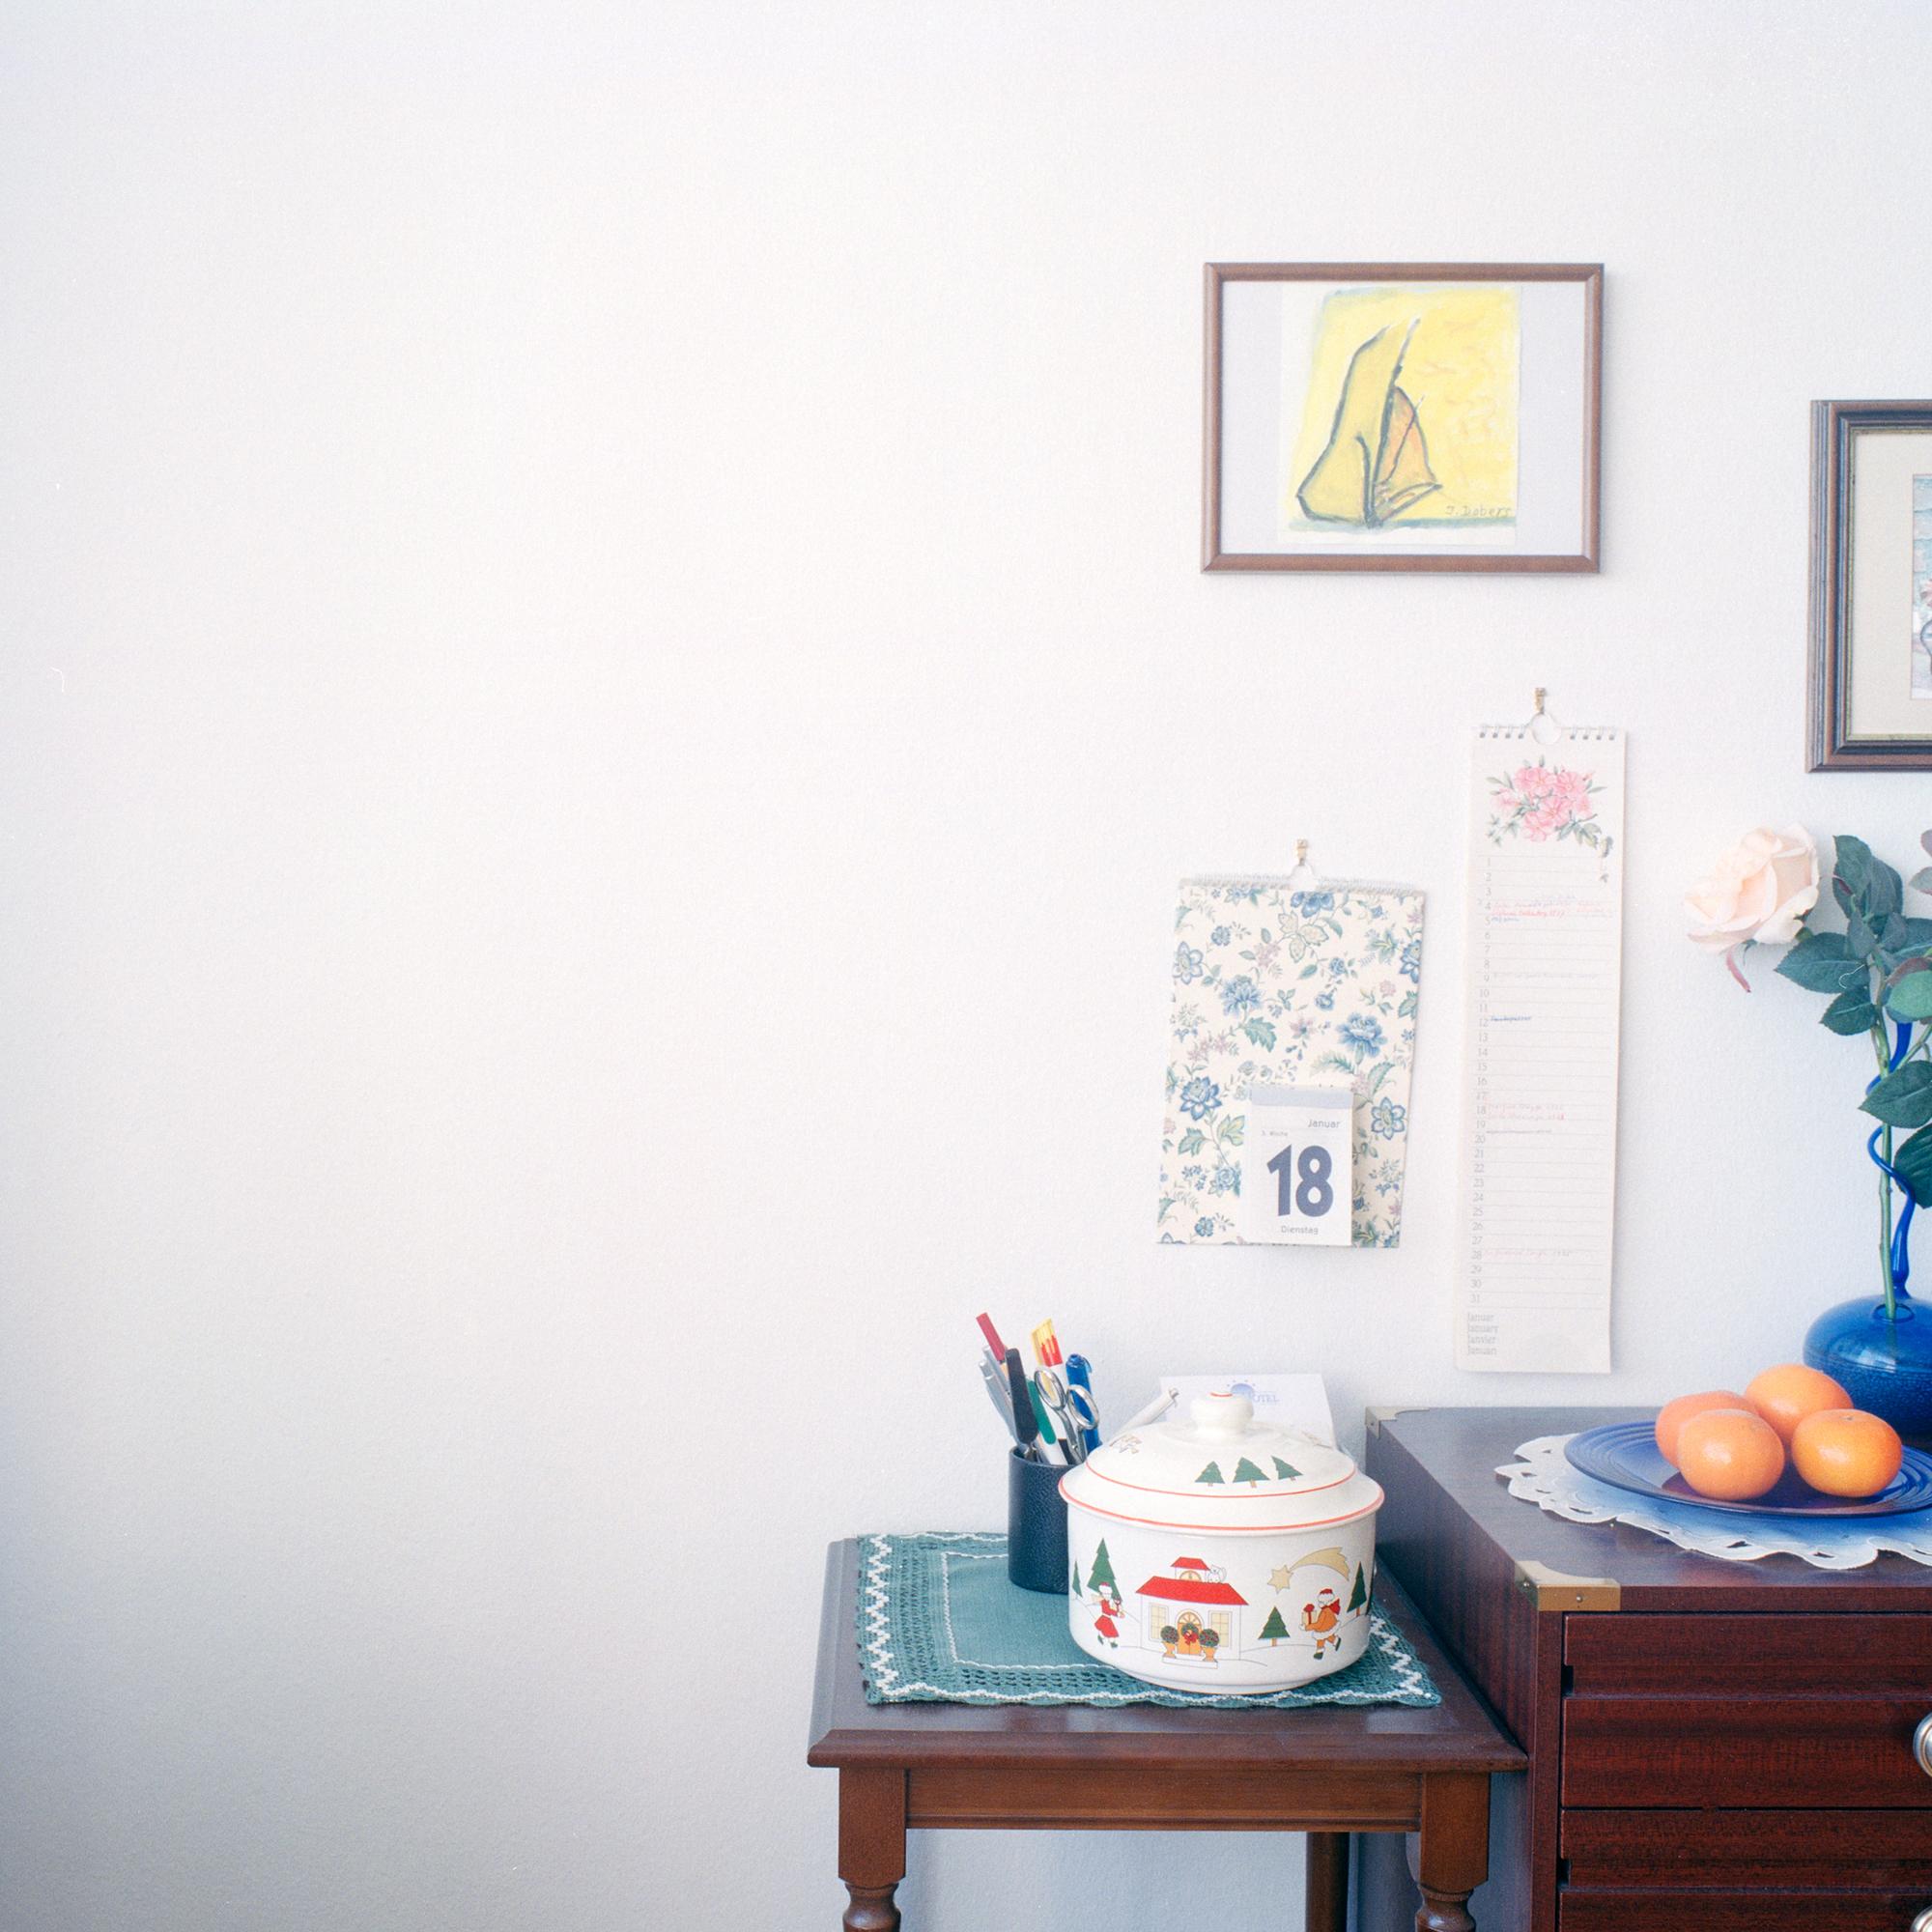 Fritz- Kistler Haus, Pasing. Innenraum des Zimmers von Frau Ilse Doberes in der Einrichtung Fritz- KIstler Haus in der Schmaedelstrasse 29, Muenchen am 17. Januar 2011. Frau Dobres ist 85 und weohnt seit Maerz 2010 in diesem Zimmer. Fotograf Evi Lemberger